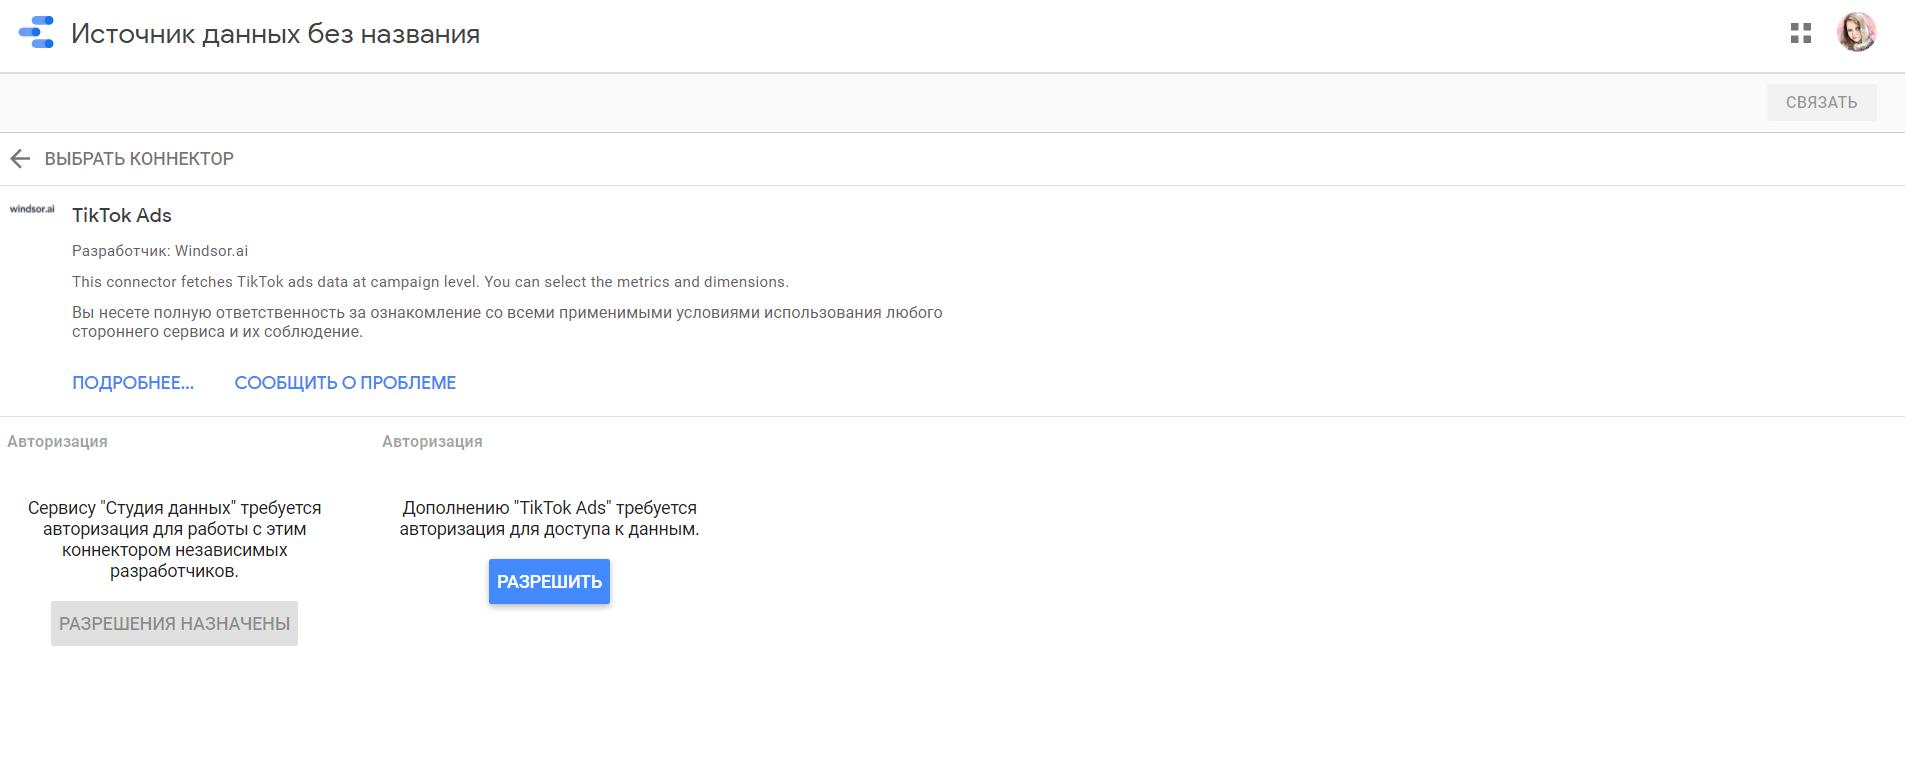 Чтобы подключить, нужно пройти авторизацию Google Data Studio и дополнительно авторизацию сервиса, которому принадлежит коннектор